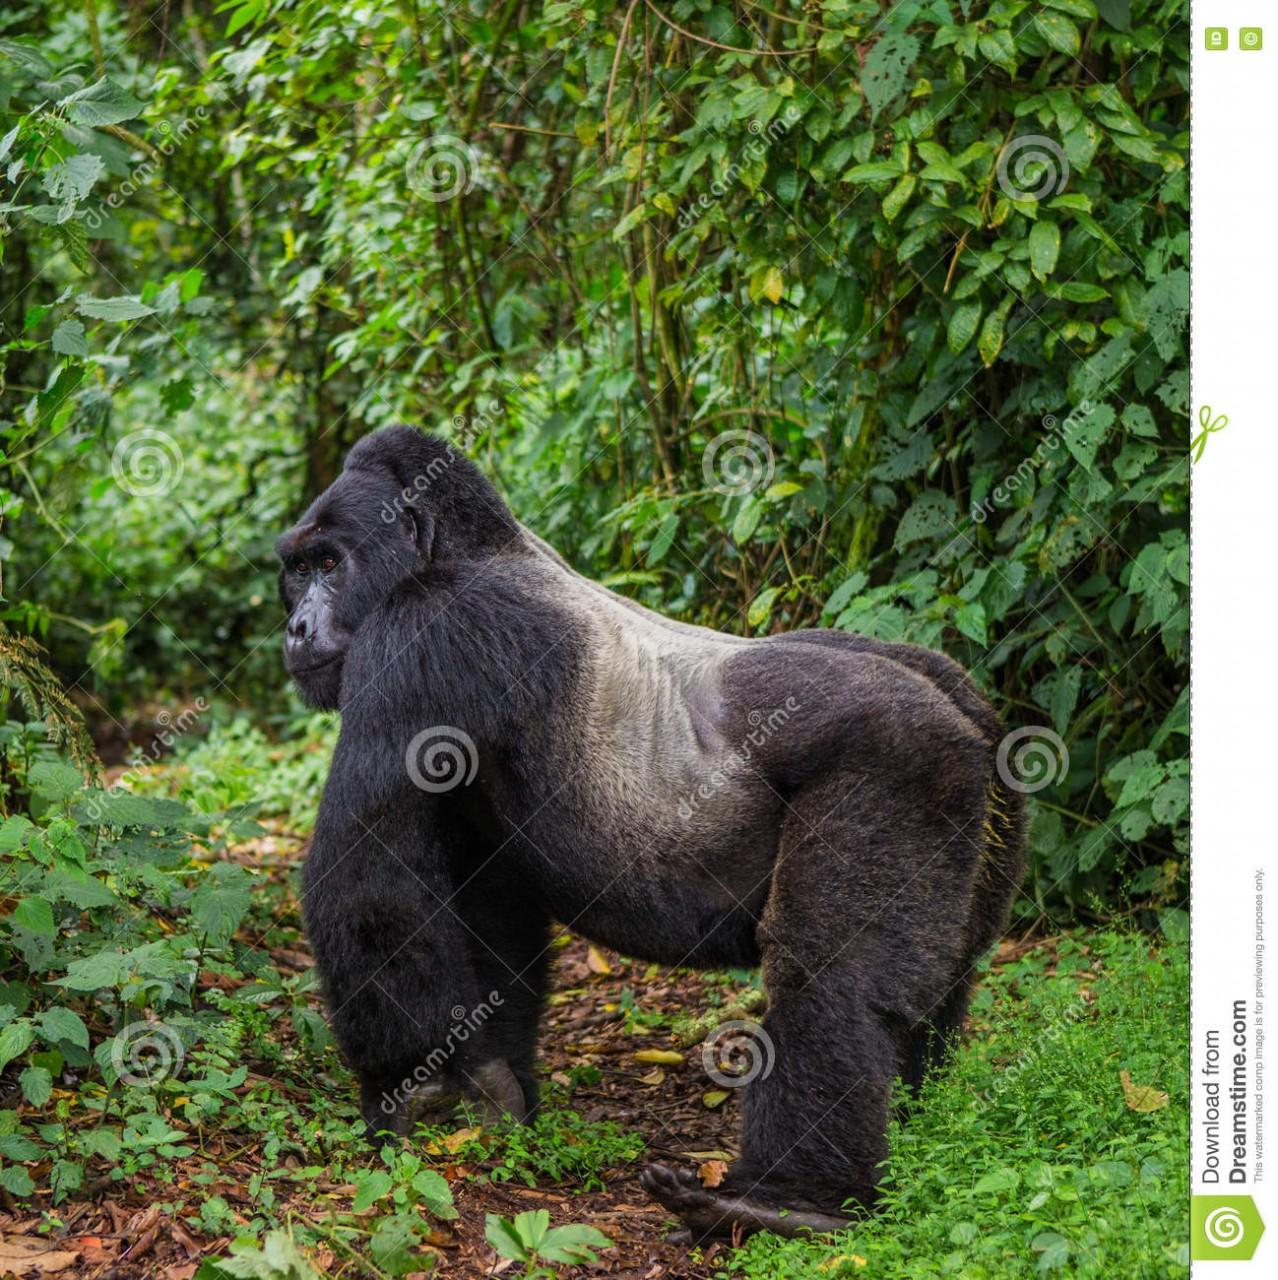 dominierender-mnnlicher-berggorilla-im-regenwald-uganda-bwindi-undurchdringlicher-forest-national-park-78388678